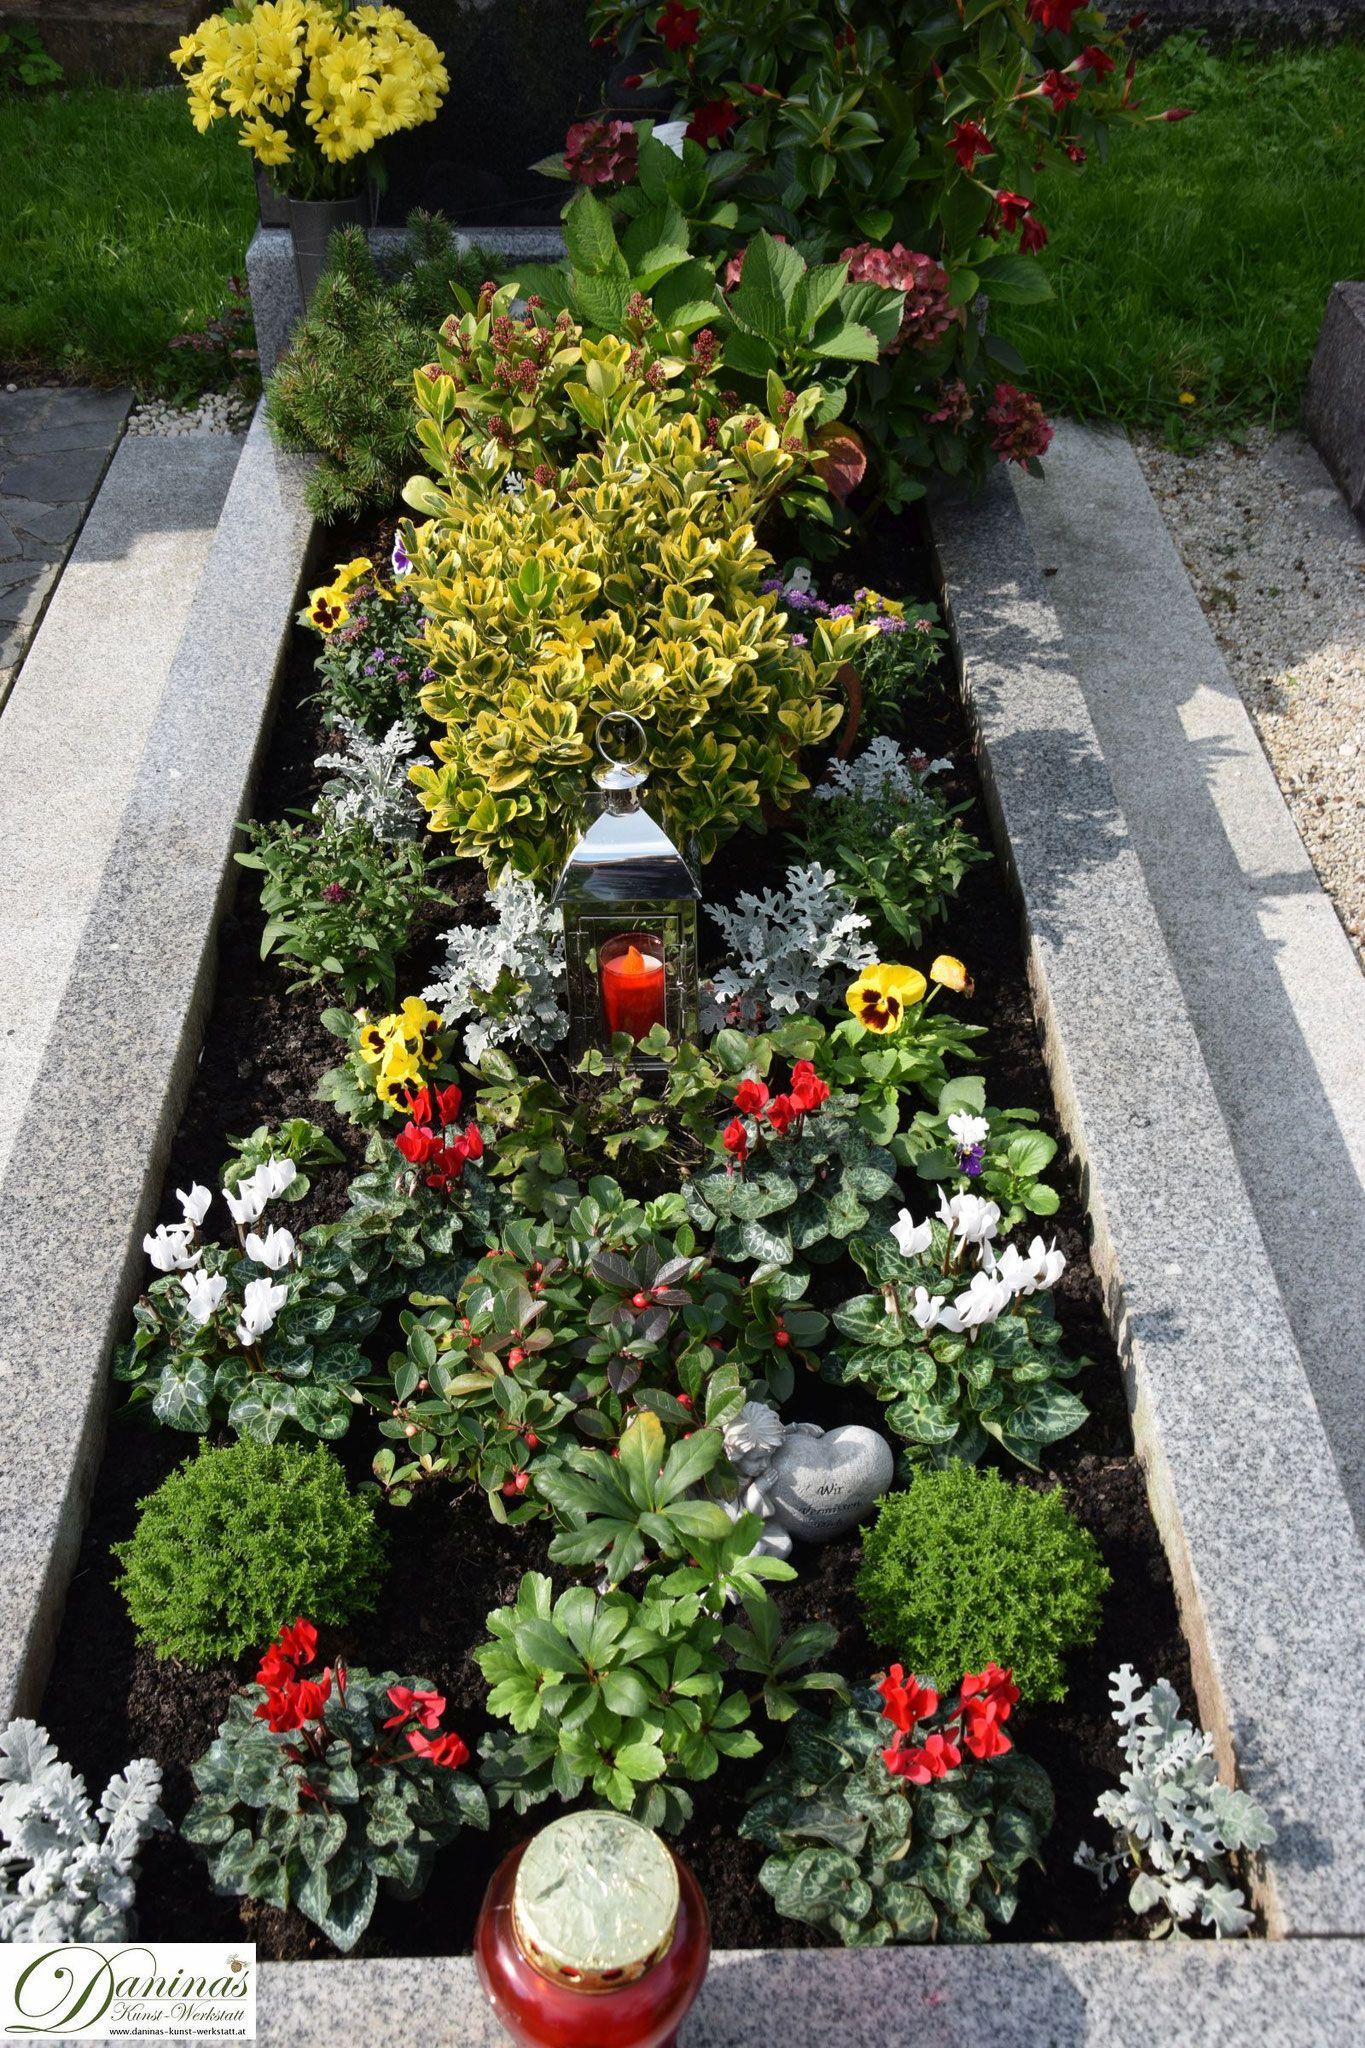 grabgestaltung selber machen grabgestaltung grave planting pinterest grabbepflanzung. Black Bedroom Furniture Sets. Home Design Ideas